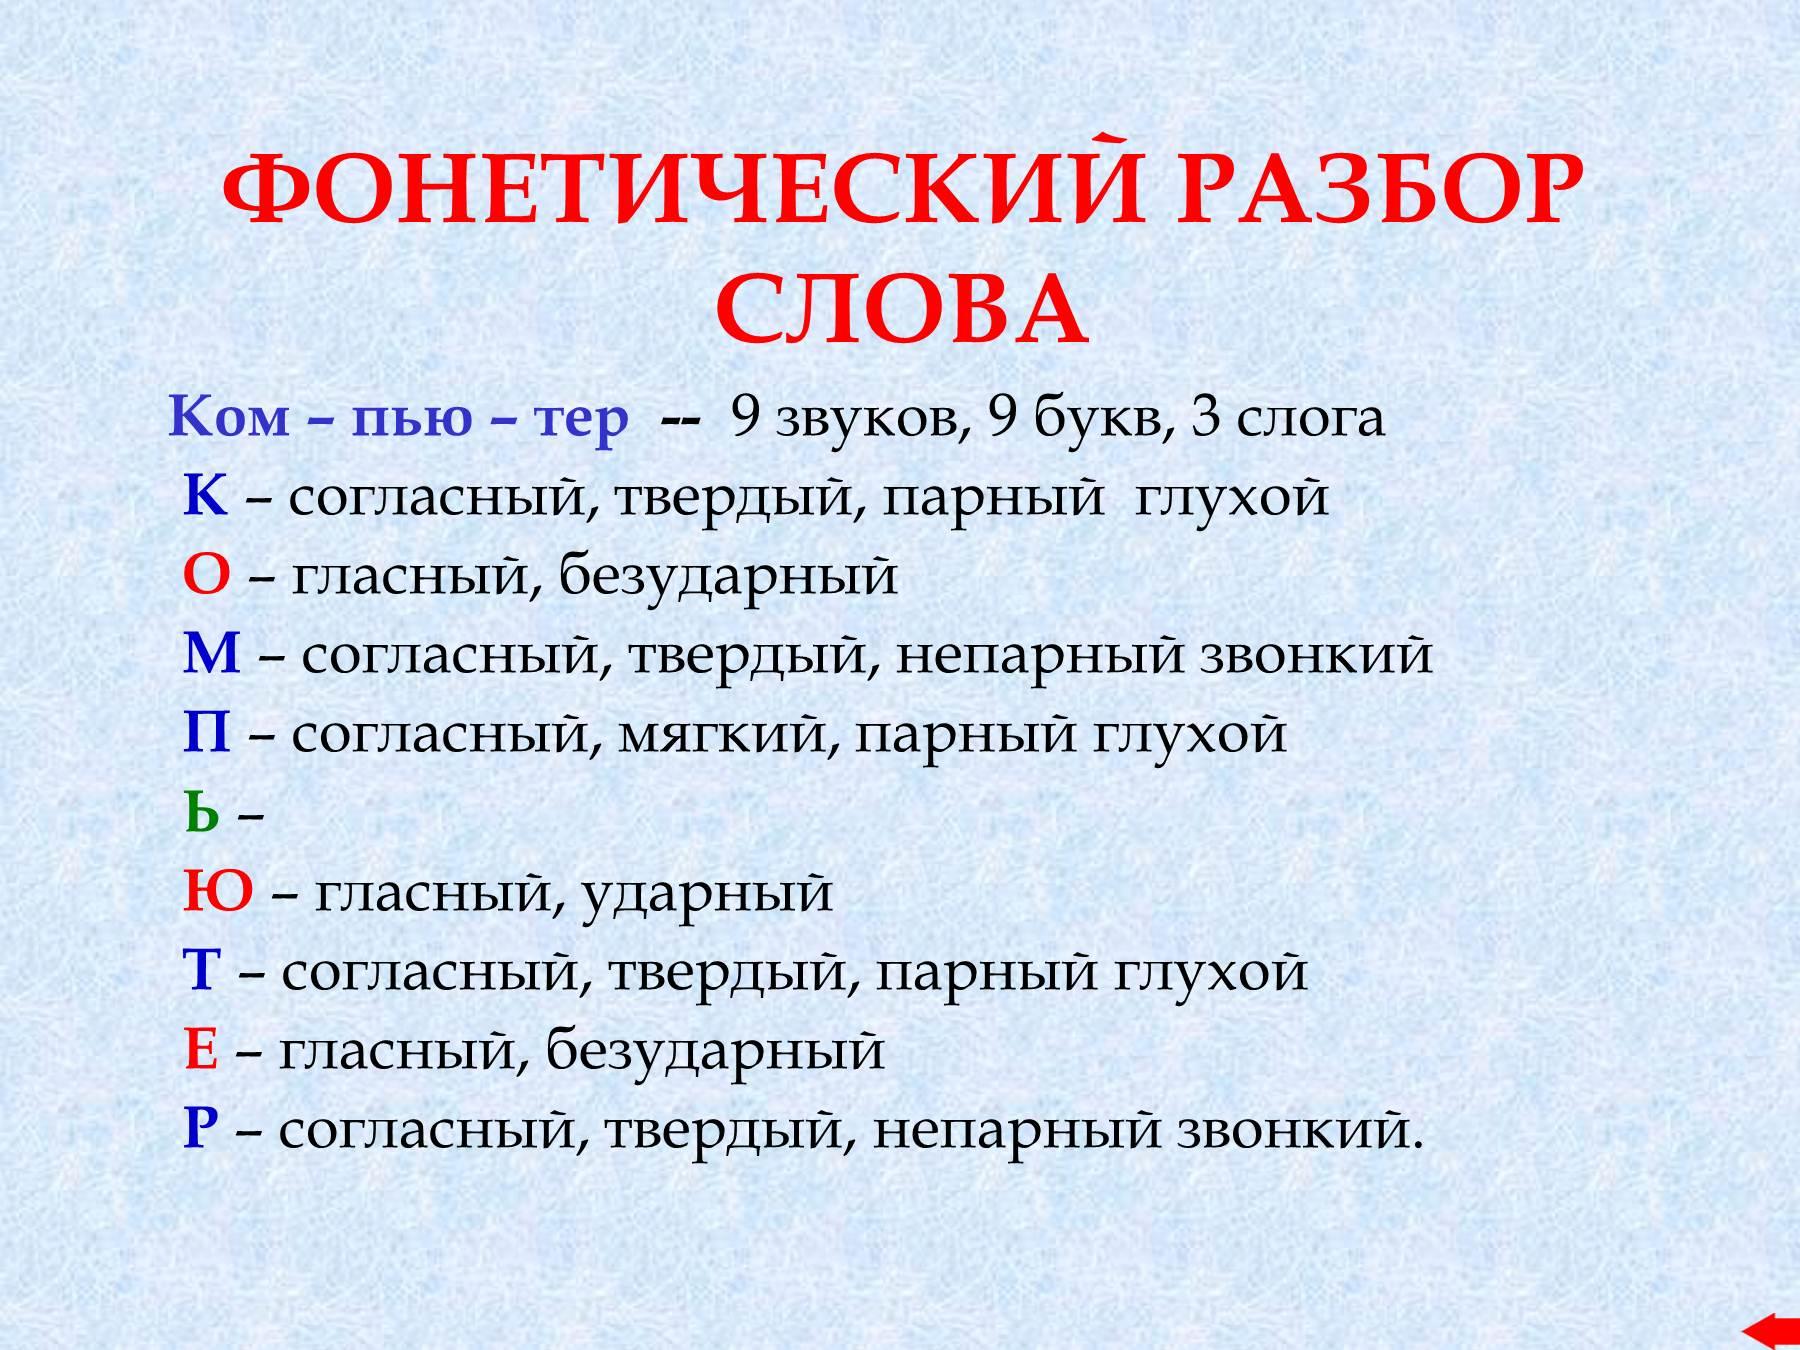 Сошьём фонетический (звуко-буквенный) разбор слова 41